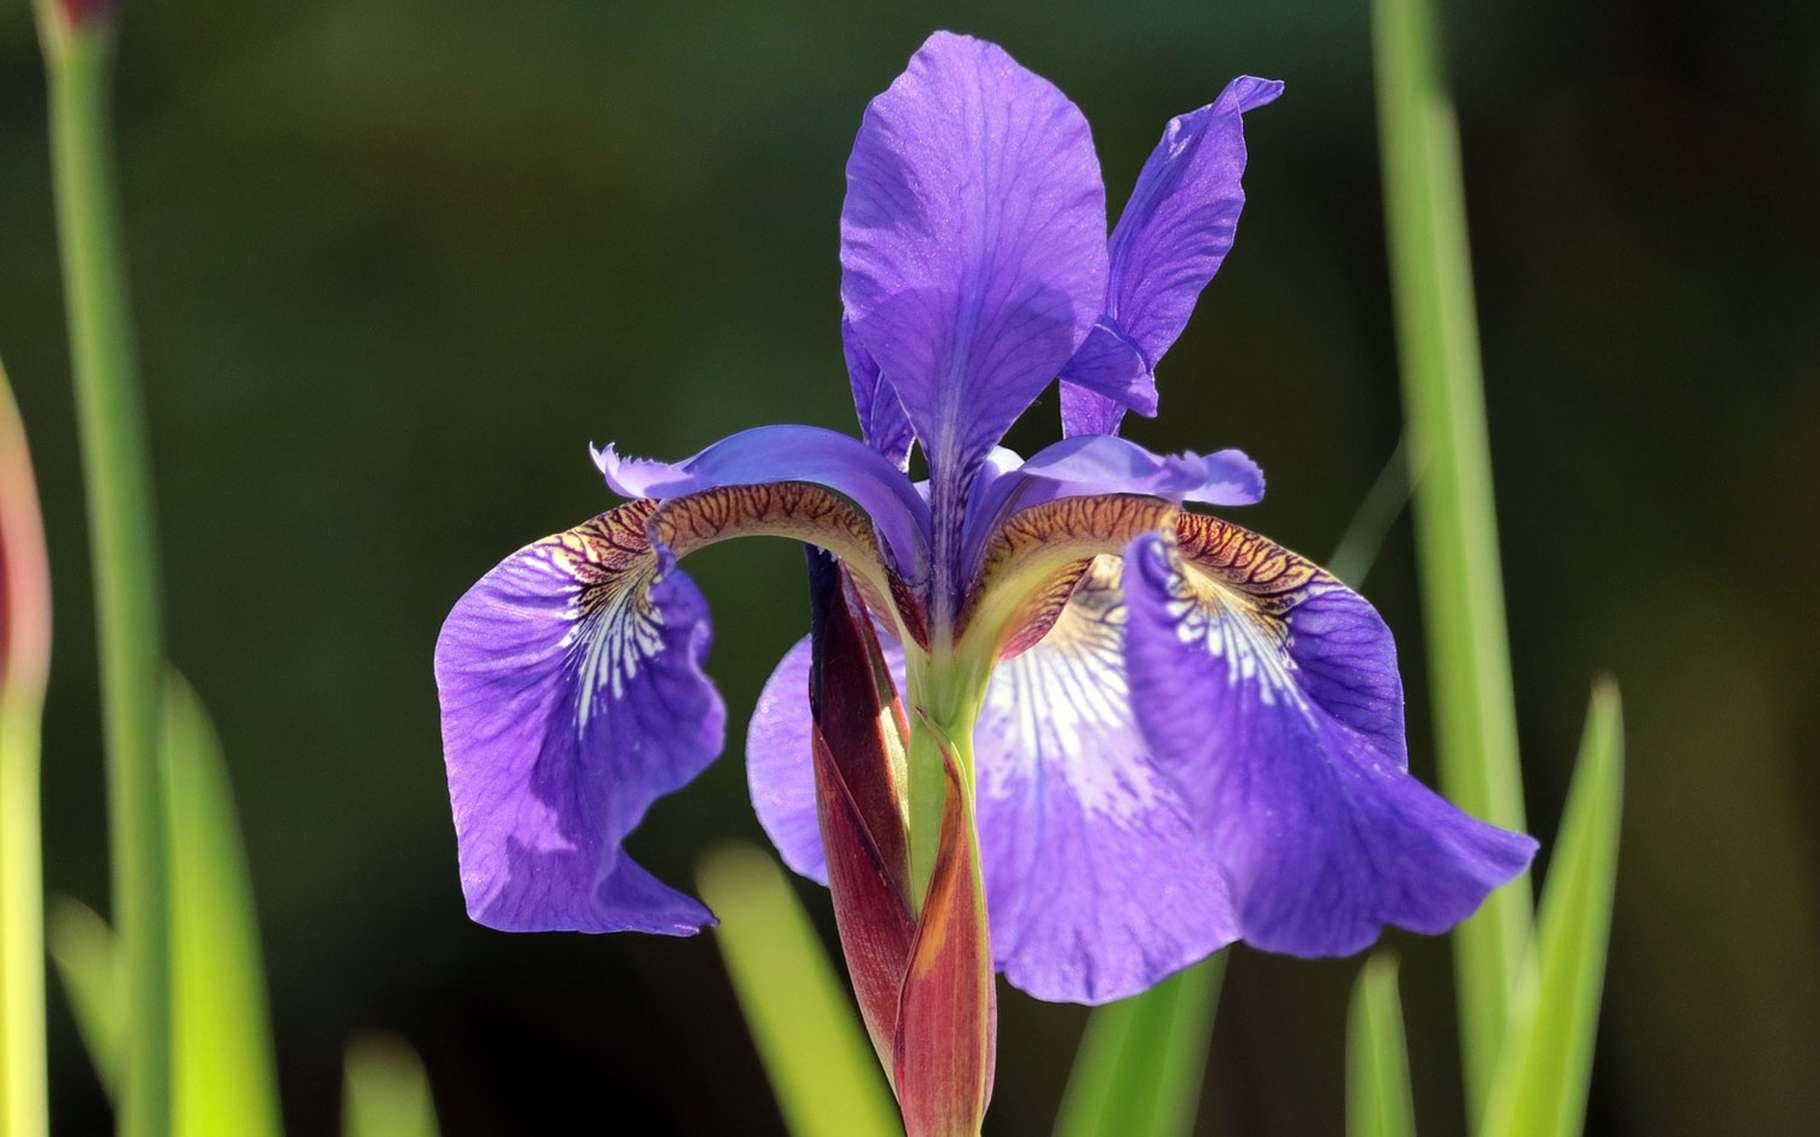 L'iris dont la palette de couleurs est irrésistible. © Pixel2013, Pixabay, DP